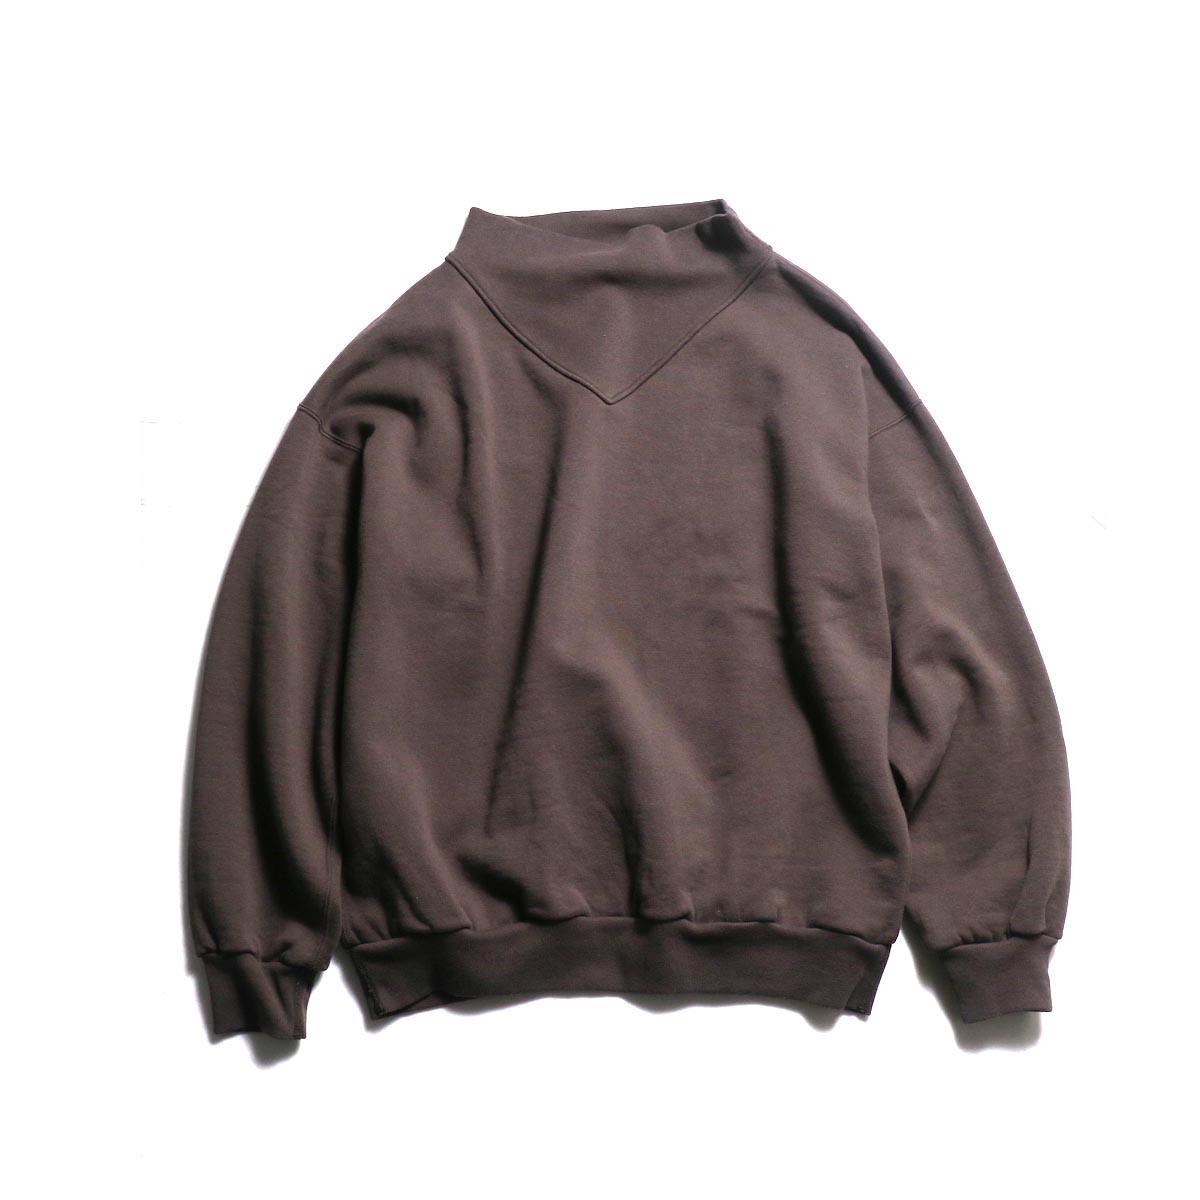 UNUSED / US1679 crew neck sweat shirt / women's. -Brown